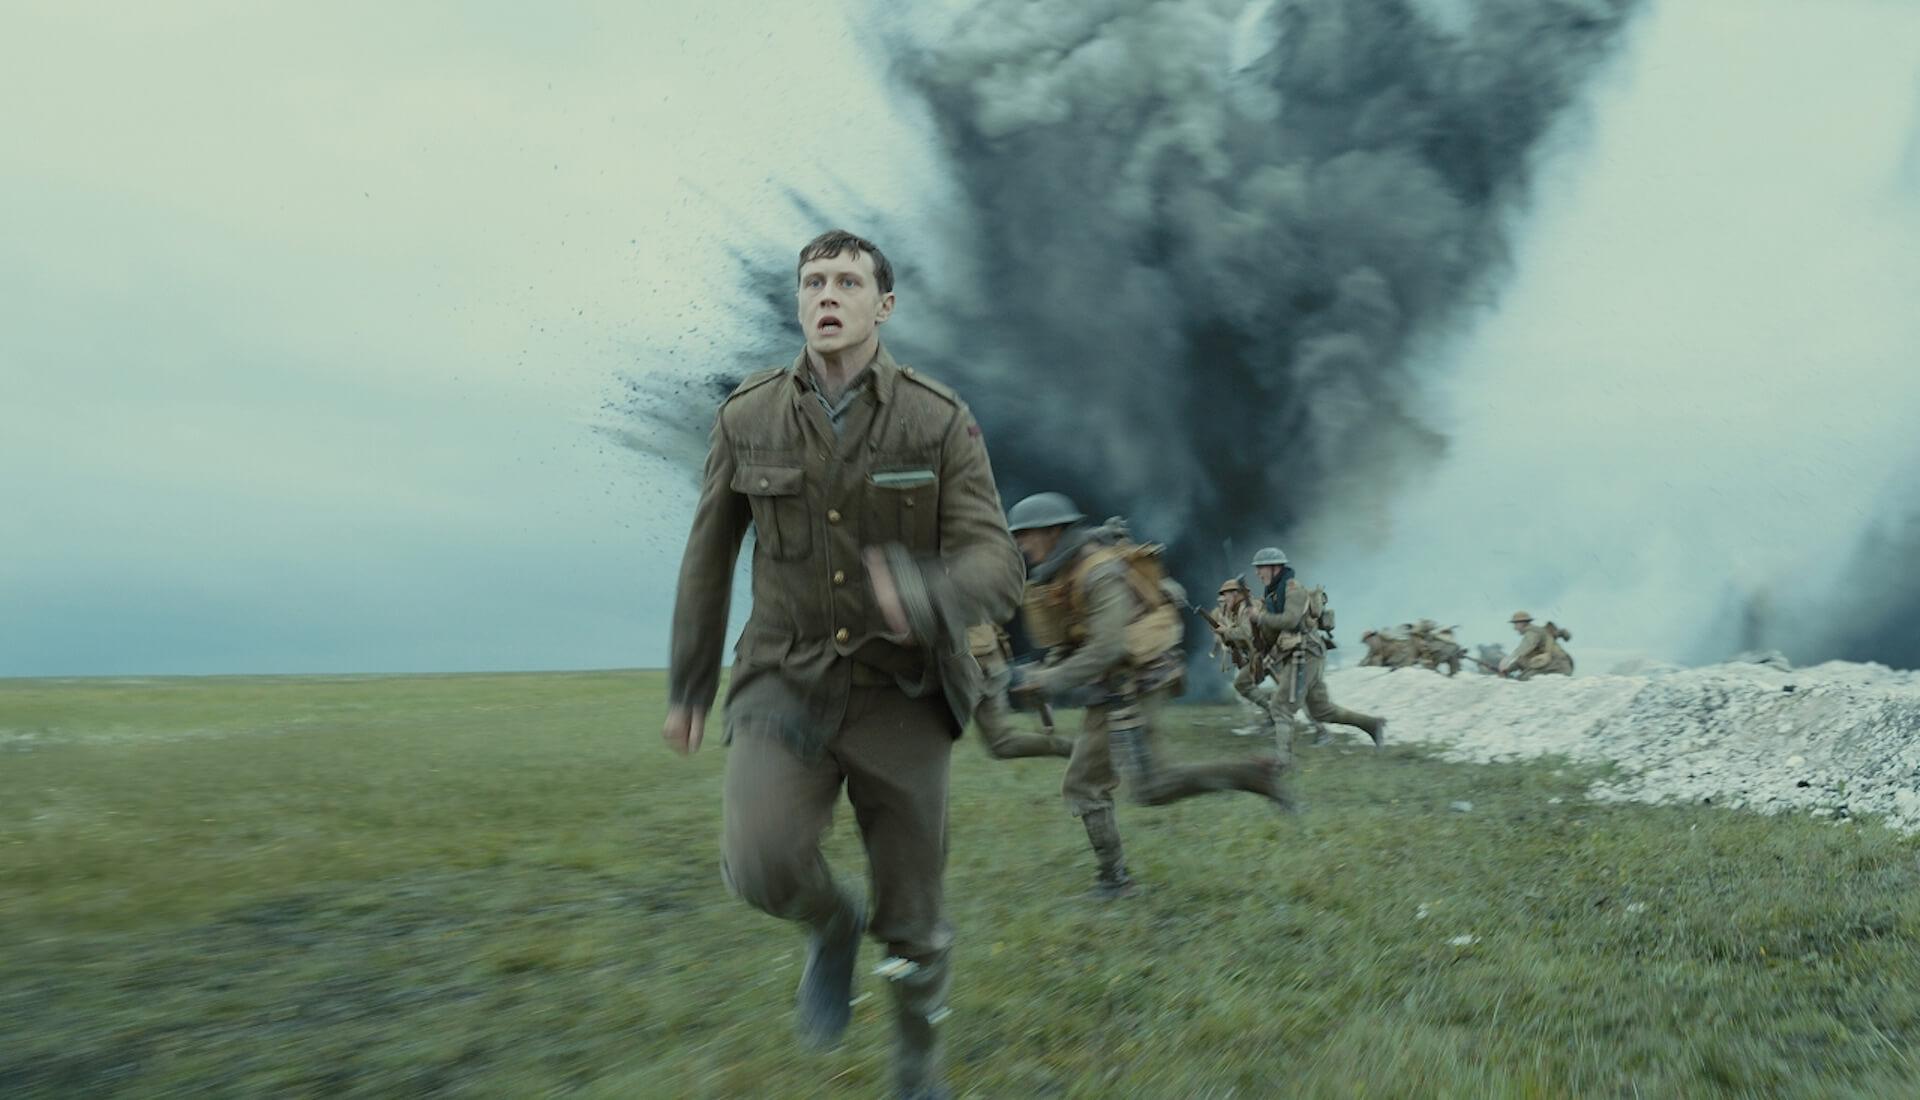 『1917 命をかけた伝令』でアカデミー賞を受賞したロジャー・ディーキンスと監督サム・メンデスが語るワンカット撮影のこだわりとは? film200220_1917maiking_15